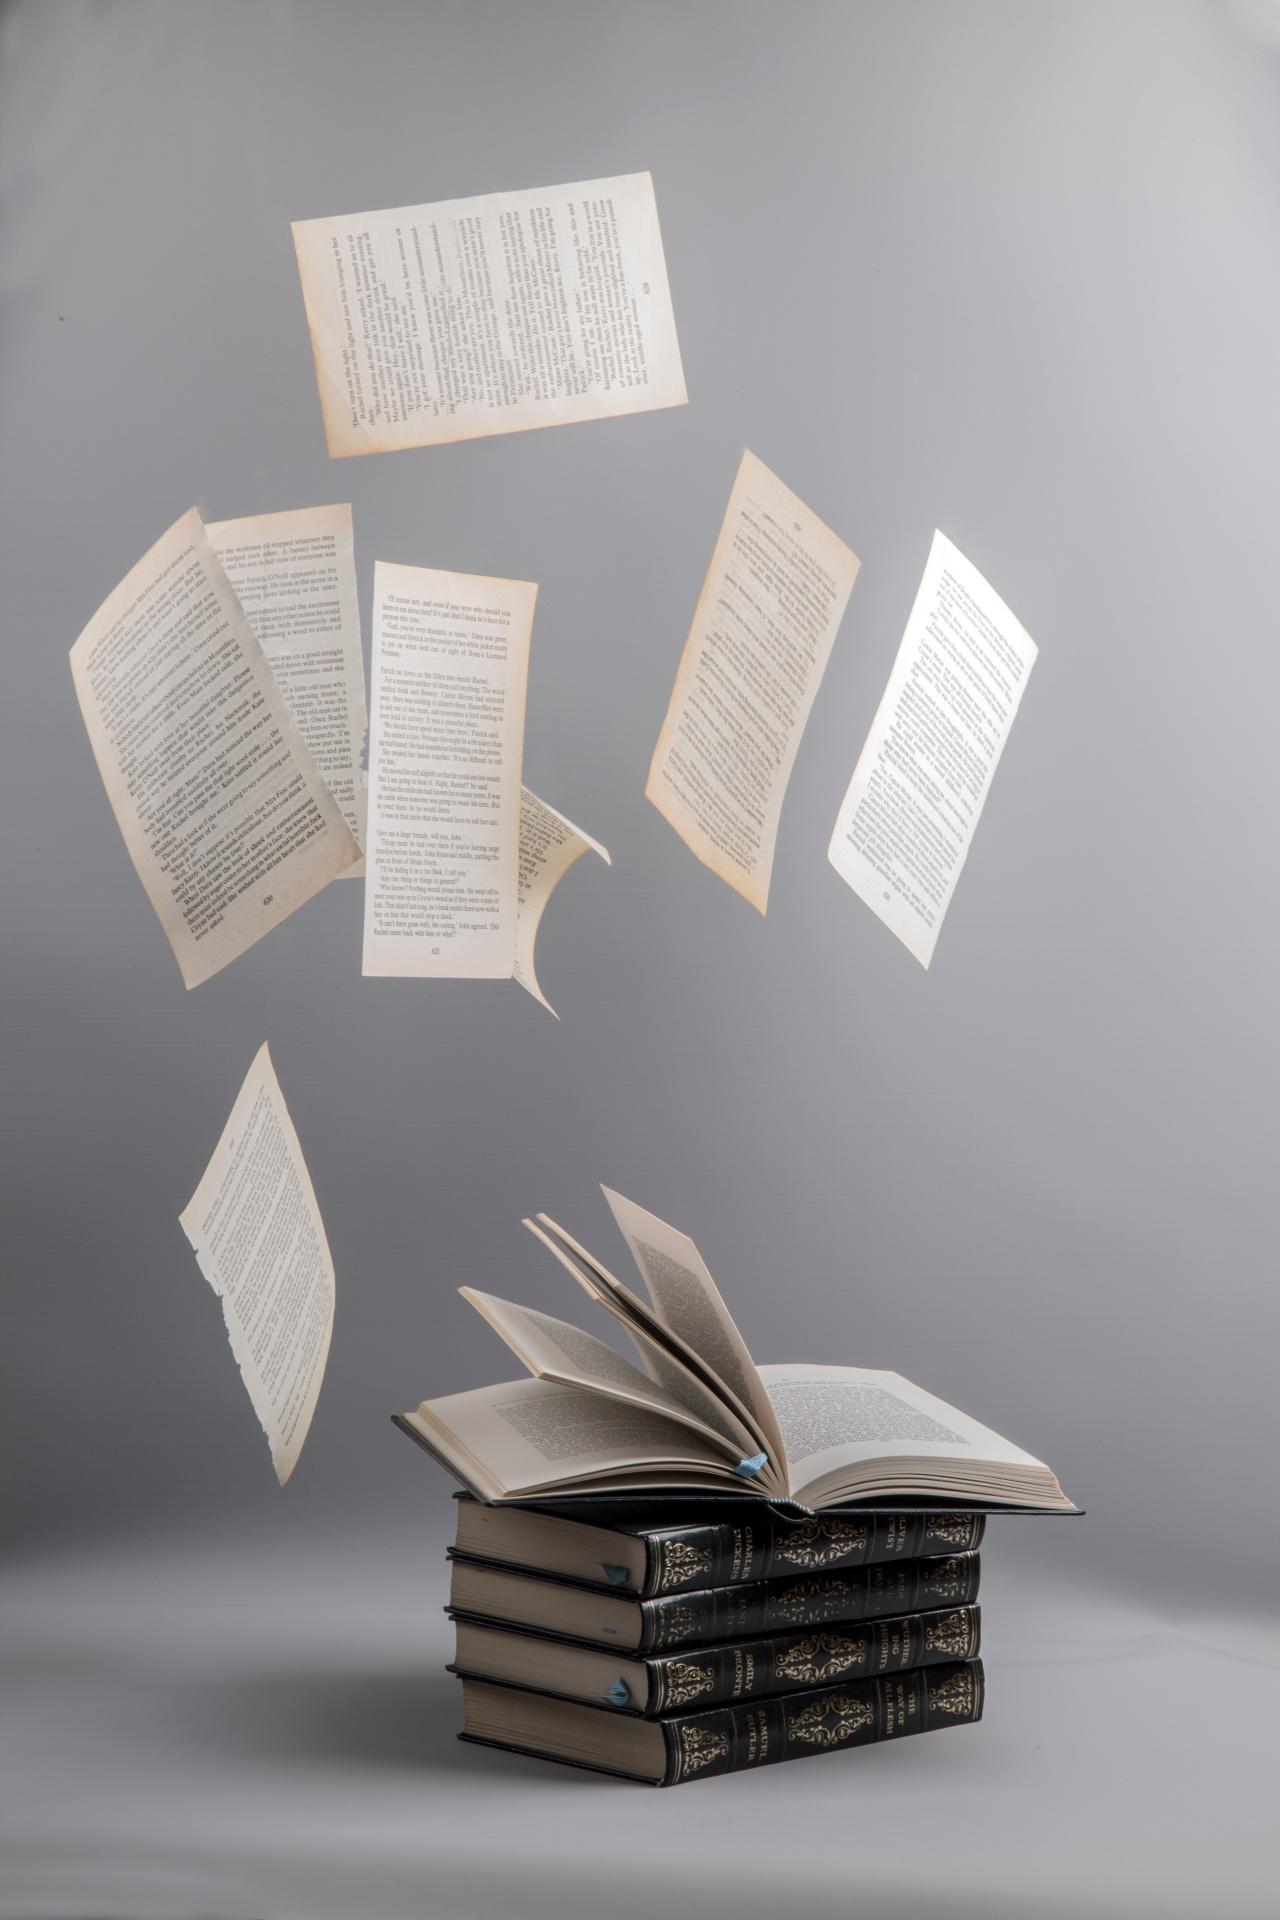 картинки падающей книги